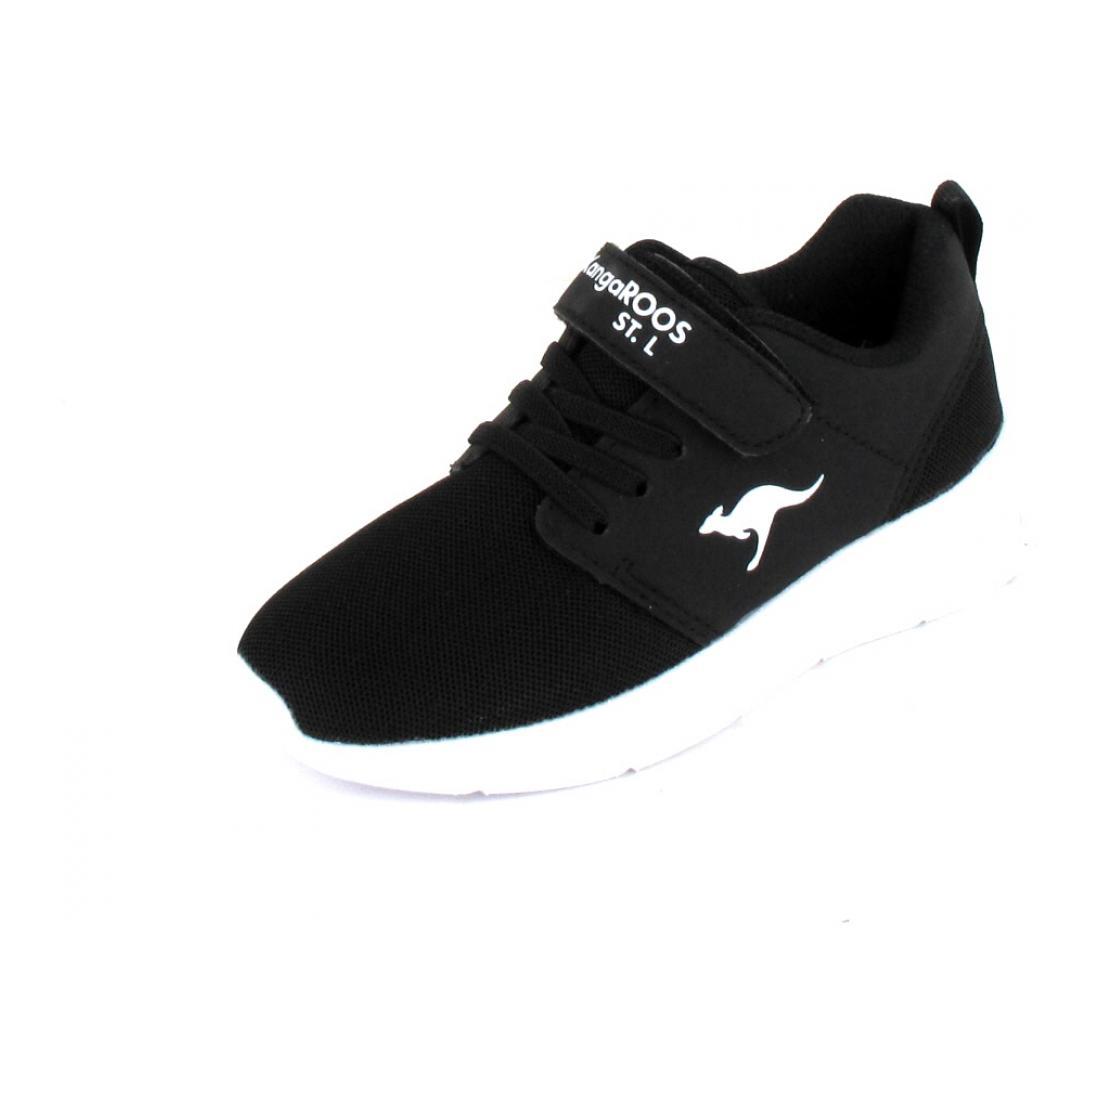 KangaRoos Sneaker KL-Hinu EV